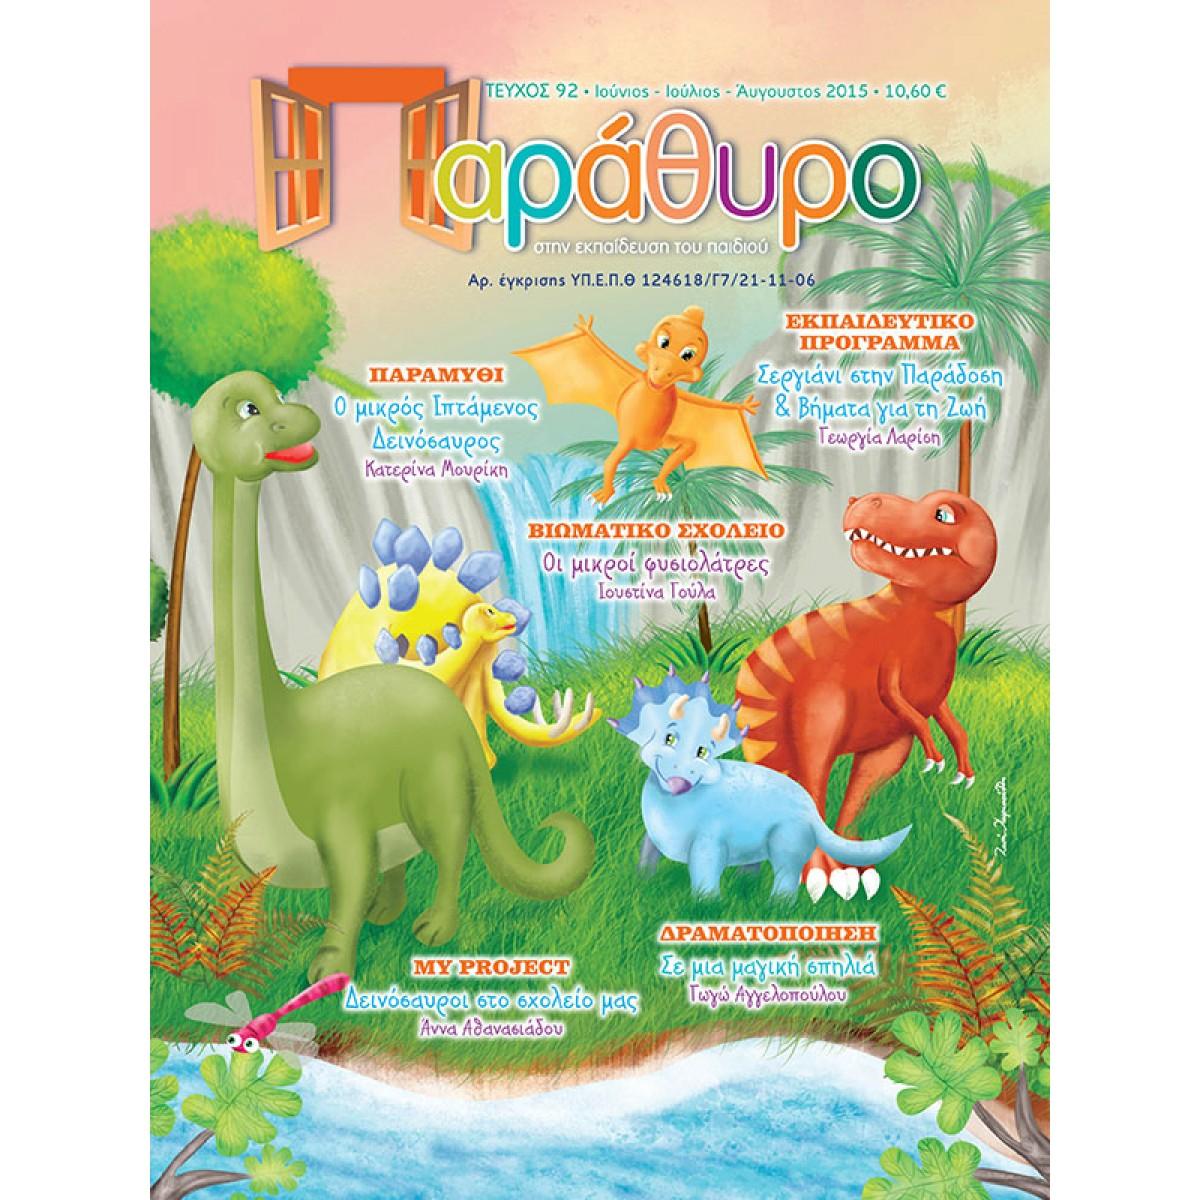 ΠΑΡΑΘΥΡΟ ΤΕΥΧΟΣ 92 Περιοδικό Παράθυρο